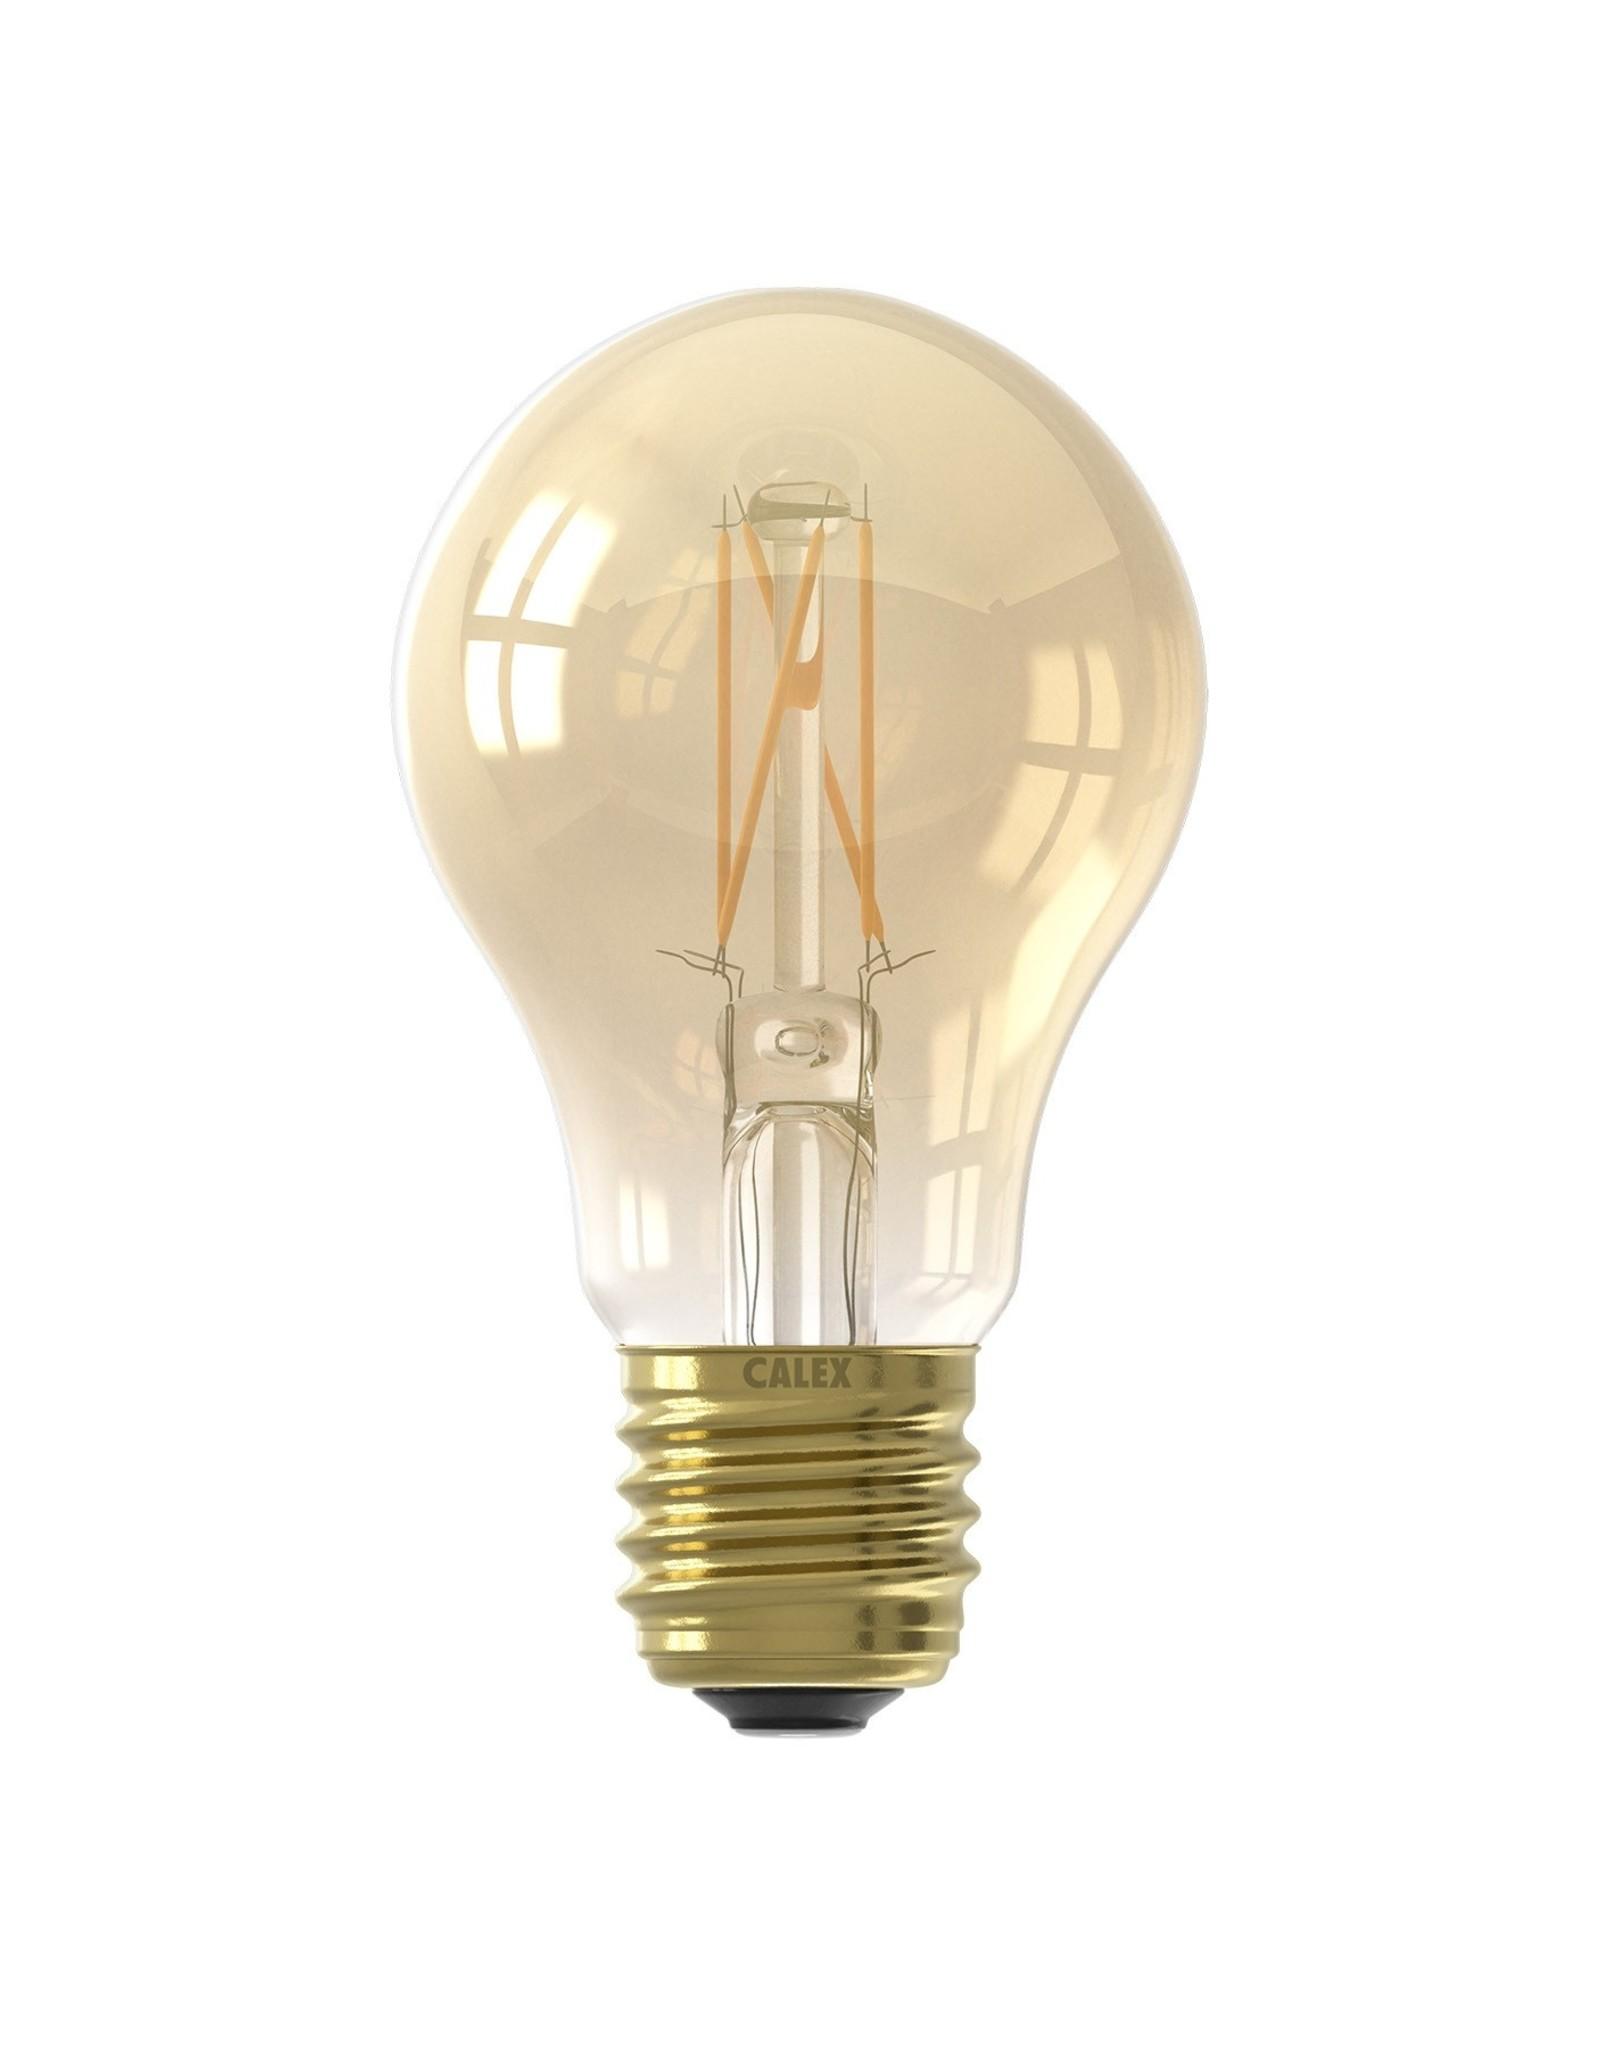 Calex LED A60 4W 230V E27 2100K GOLD